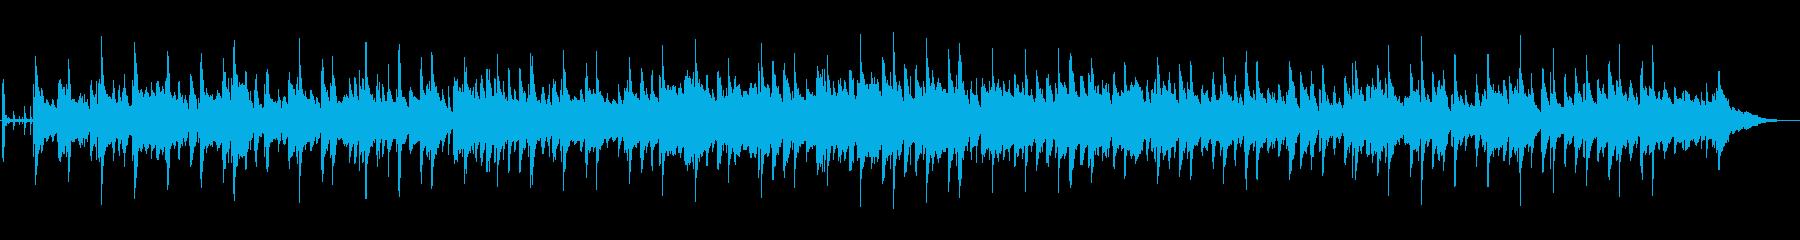 庭の千草 アイルランド民謡の再生済みの波形